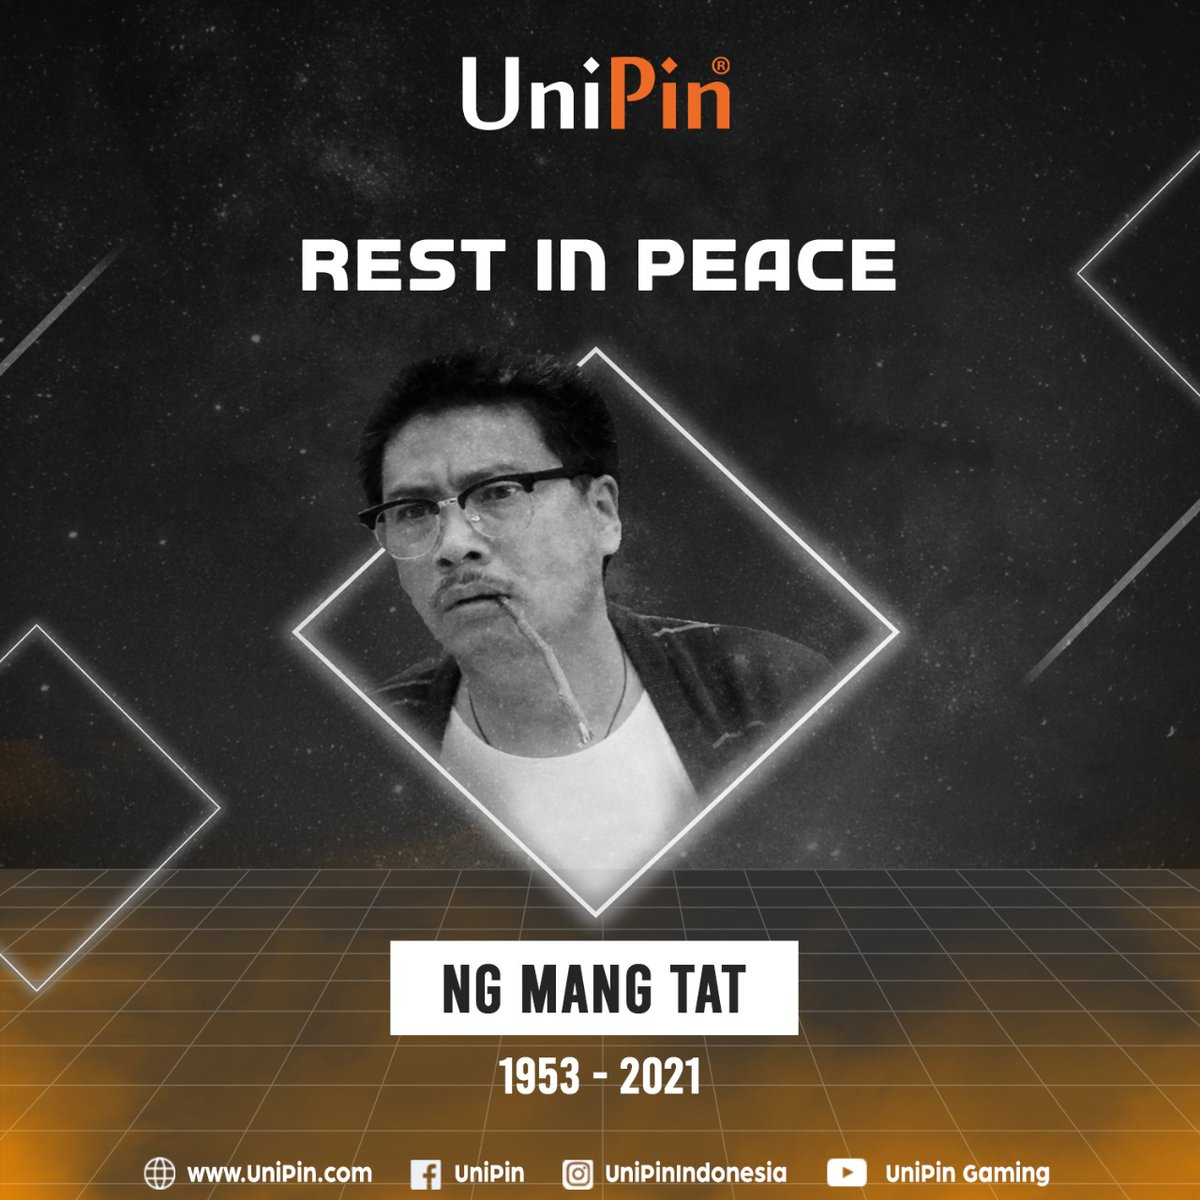 Dunia kembali berduka. Kabar duka datang dari aktor veteran Ng Mantat atau yang akrab di kenal sebagai Paman Boboho.  Selamat jalan Paman. Terimakasih sudah menghiasi layar tv & menemani hiburan kami dulu  #UniPin #ripngmantat #ngmantat #generasi90an